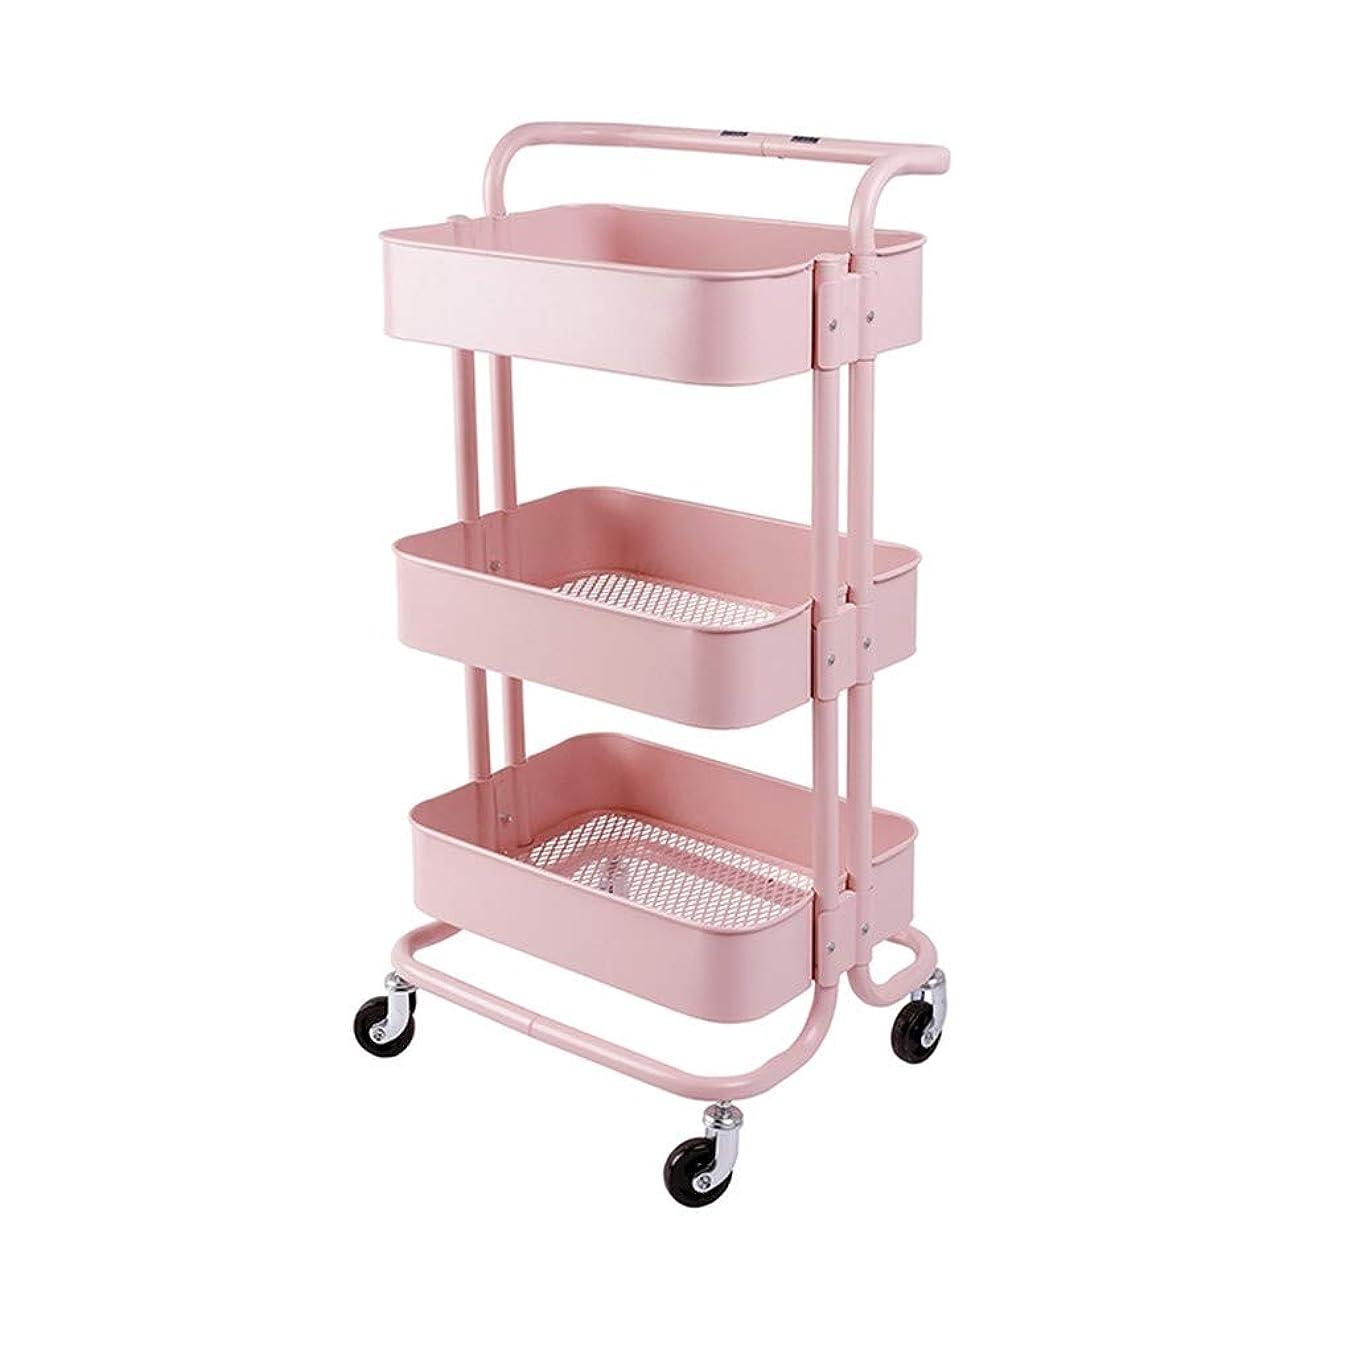 いま評判ロードされたCSQ 3ティアメタルローリングカート、ハンドルとキャスター浴室オフィスキッチン組織カート付きメタルメッシュユーティリティカートストレージカート (Color : Pink, Size : 42*35*86CM)